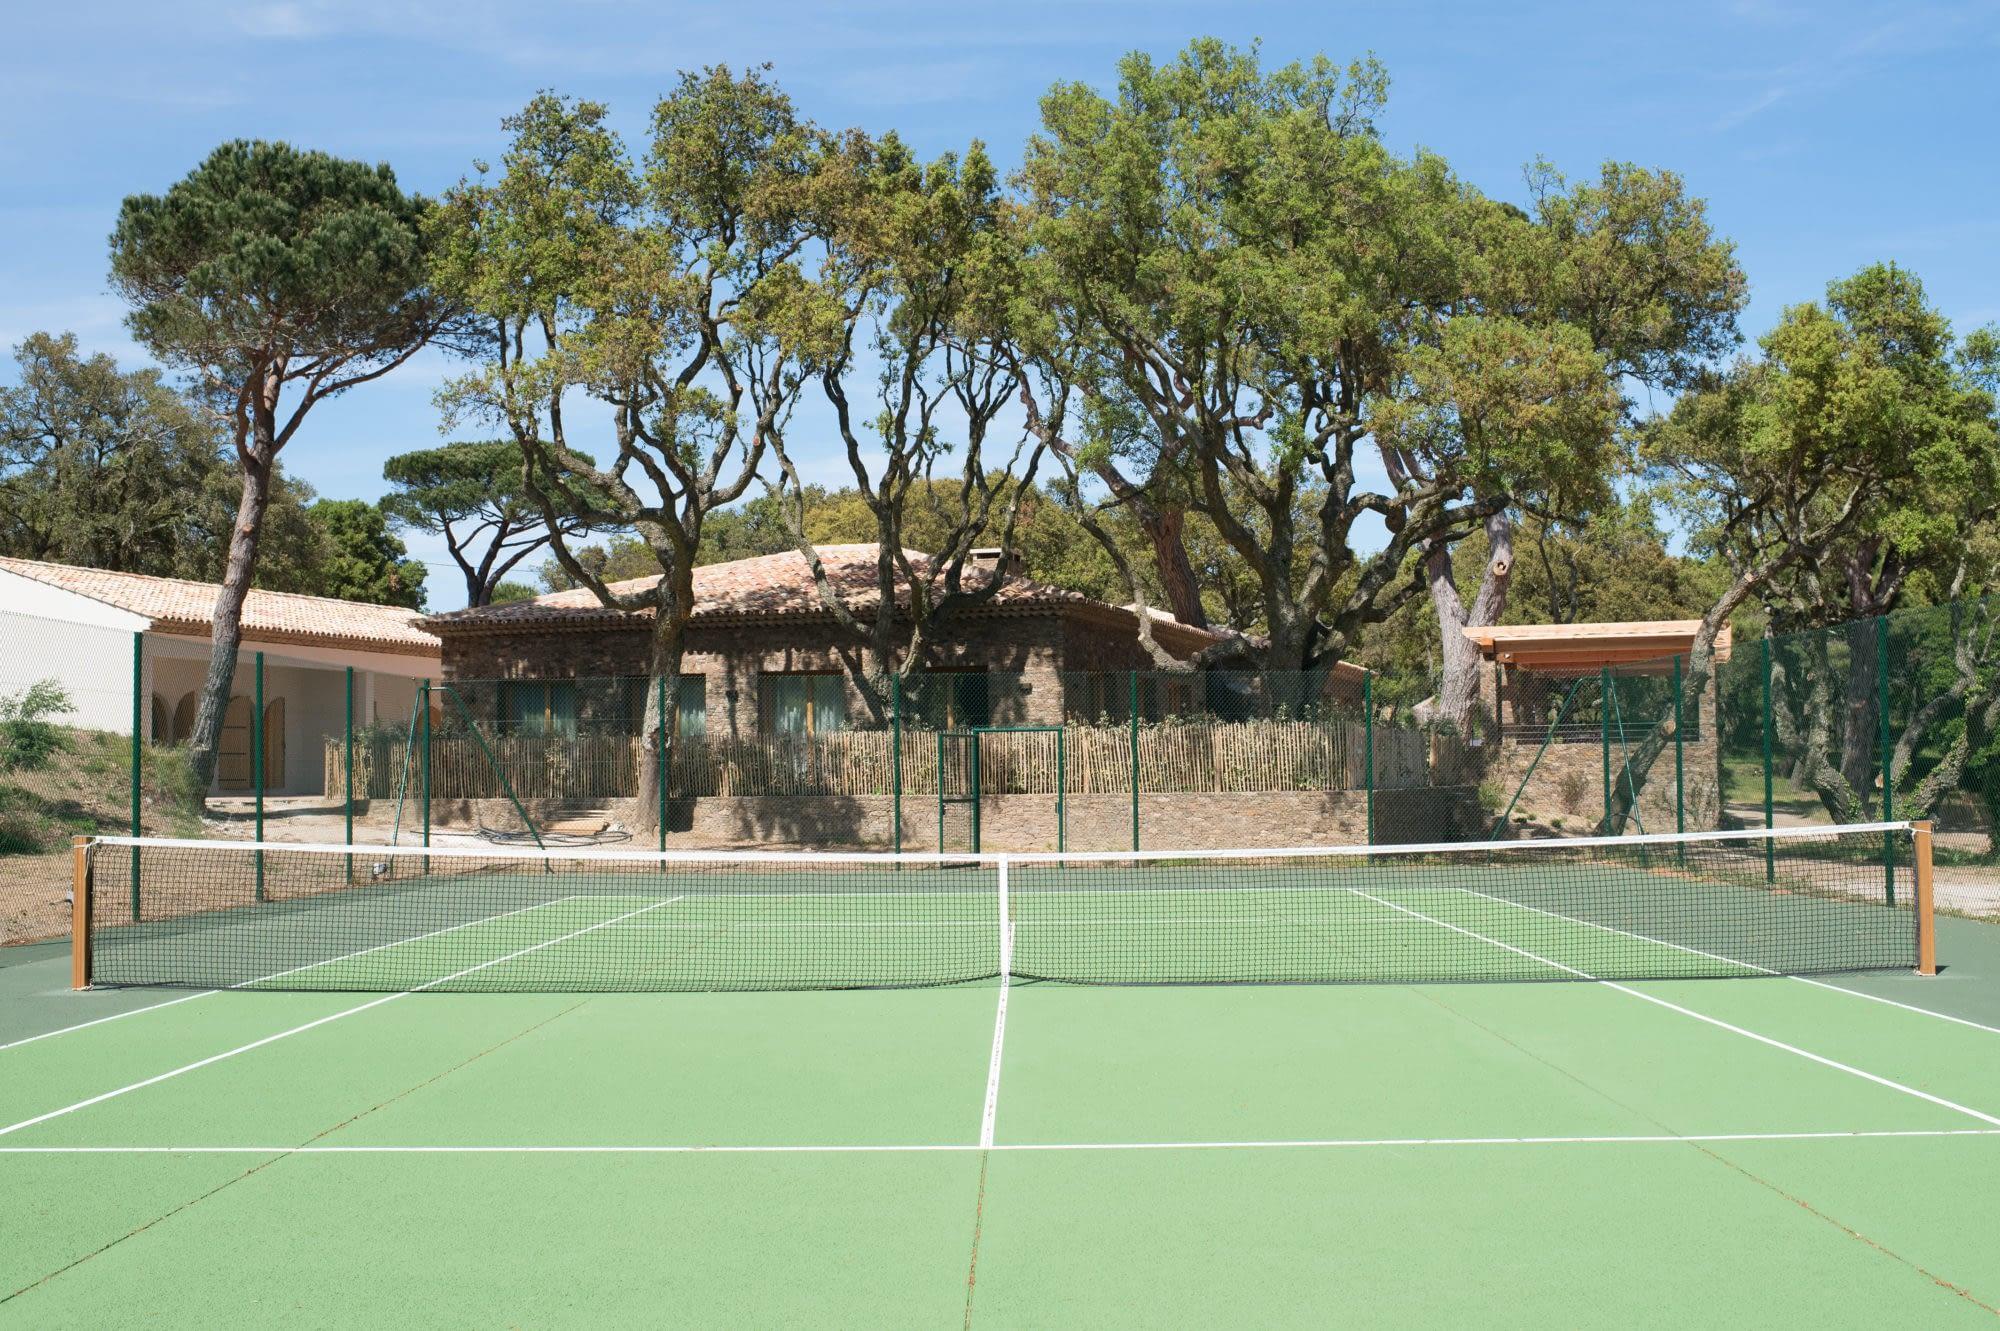 Court de tennis / Tennis court